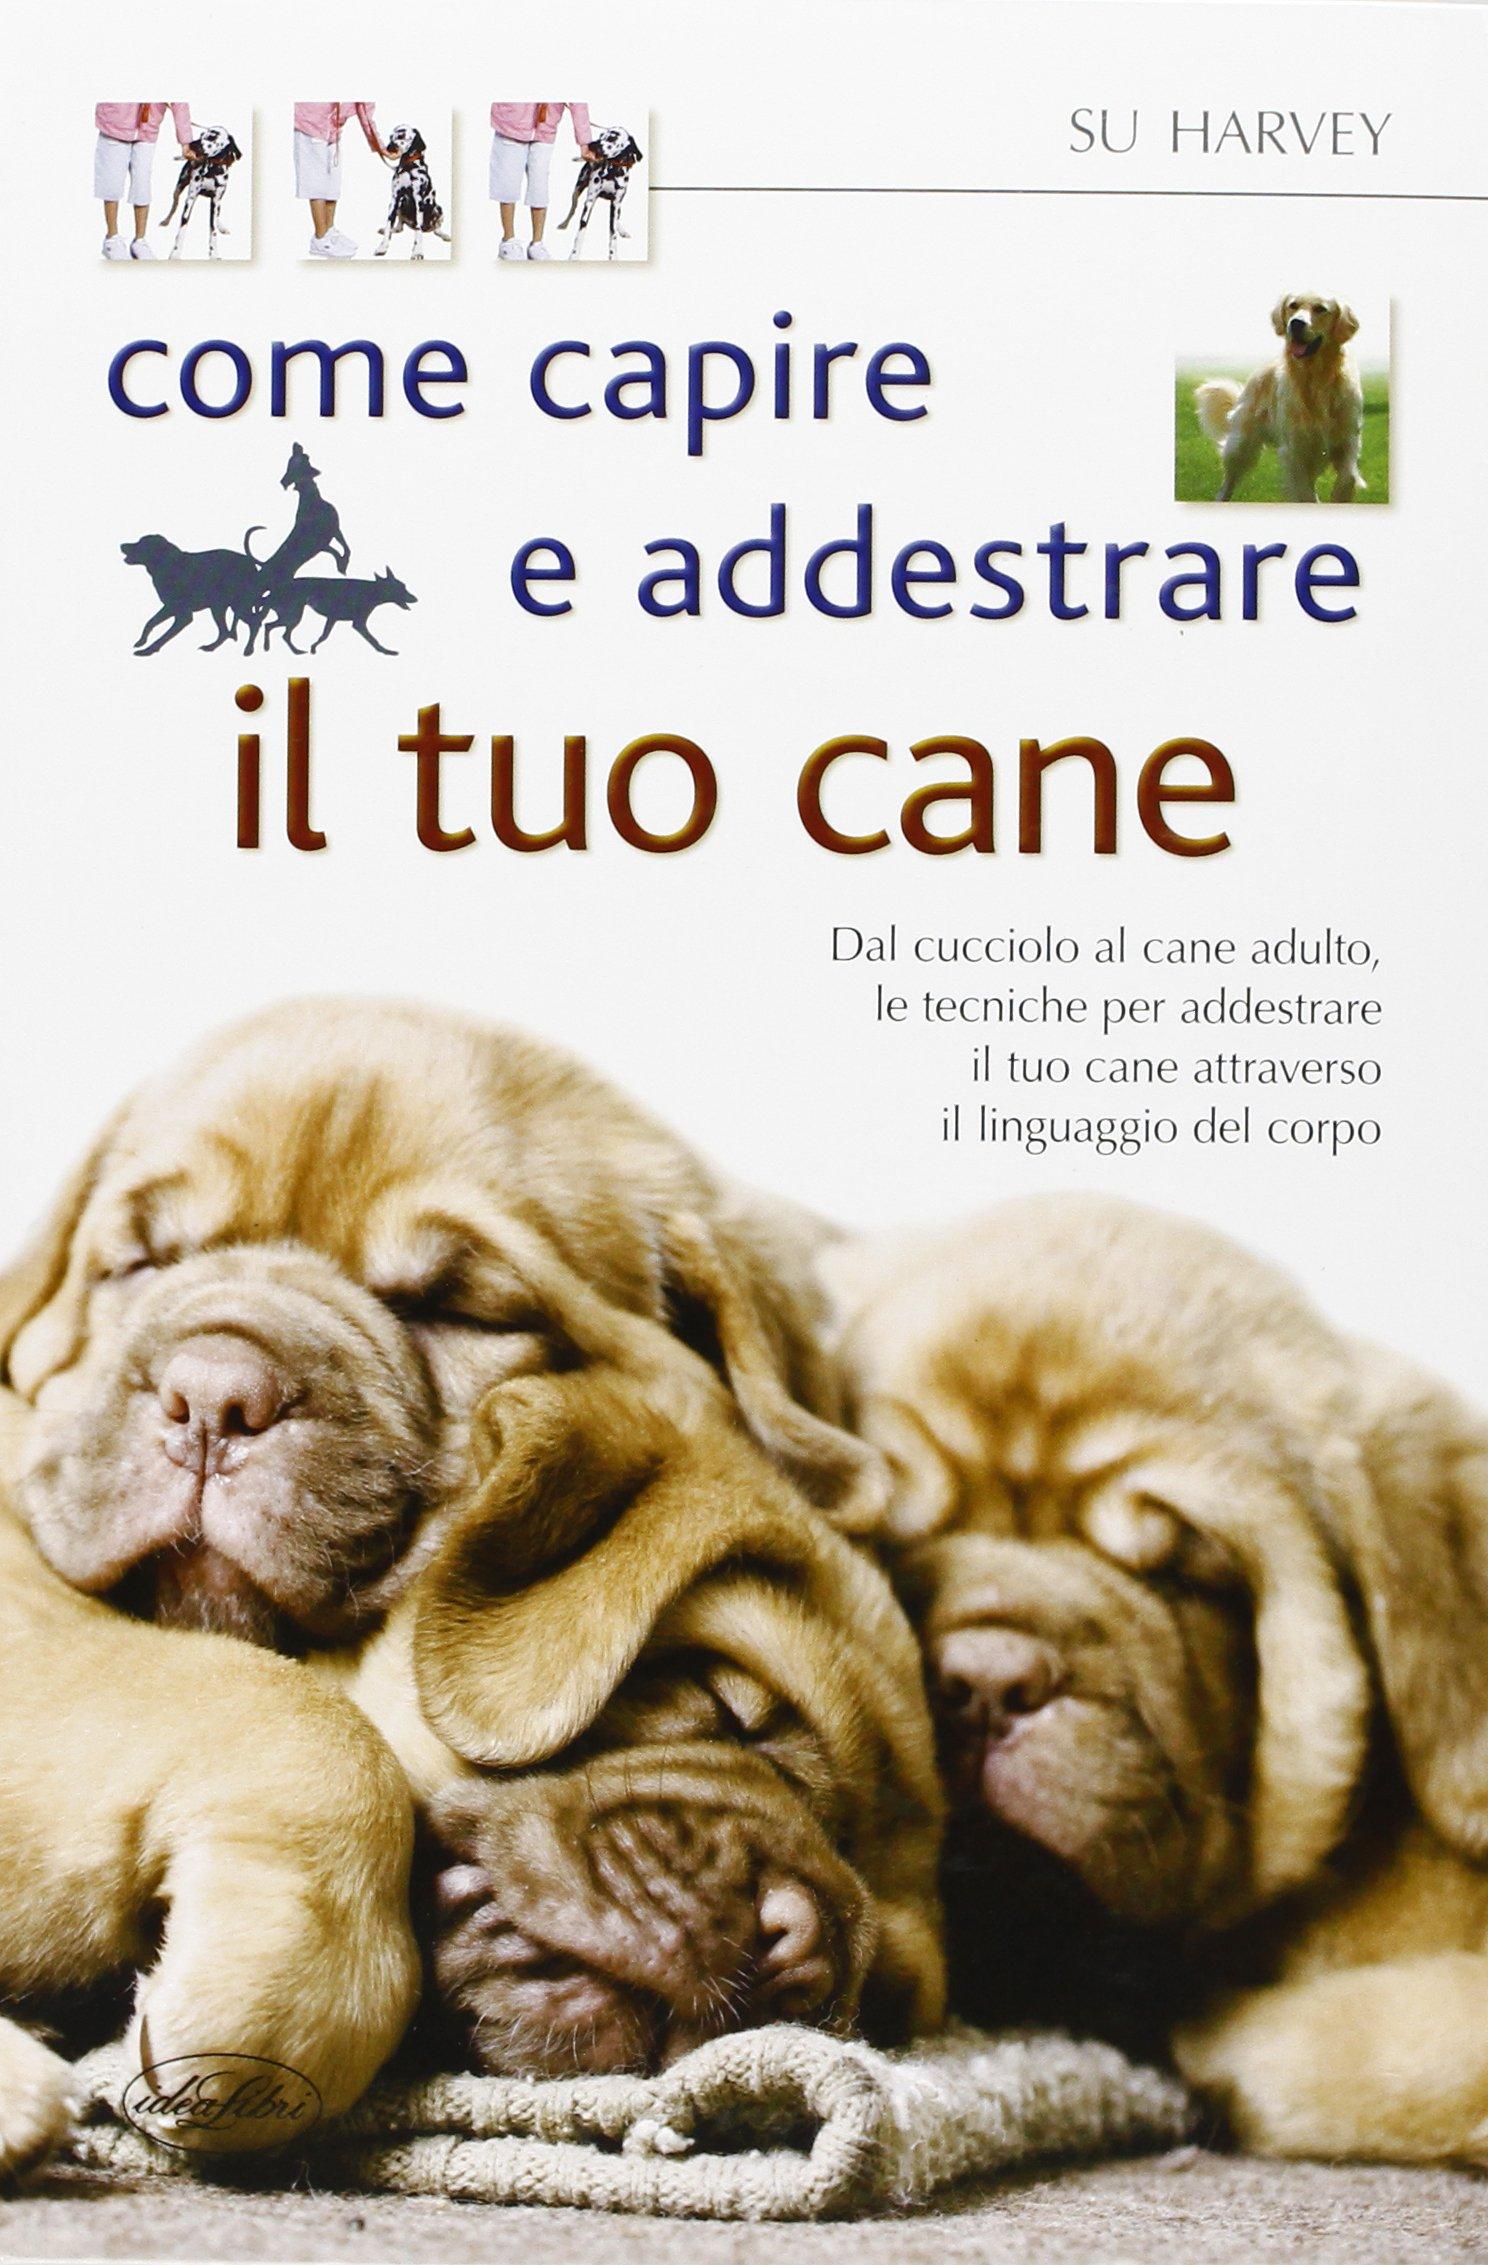 Come capire e addestrare il tuo cane Copertina flessibile – 31 mag 2012 Su Harvey Idea Libri 8862620799